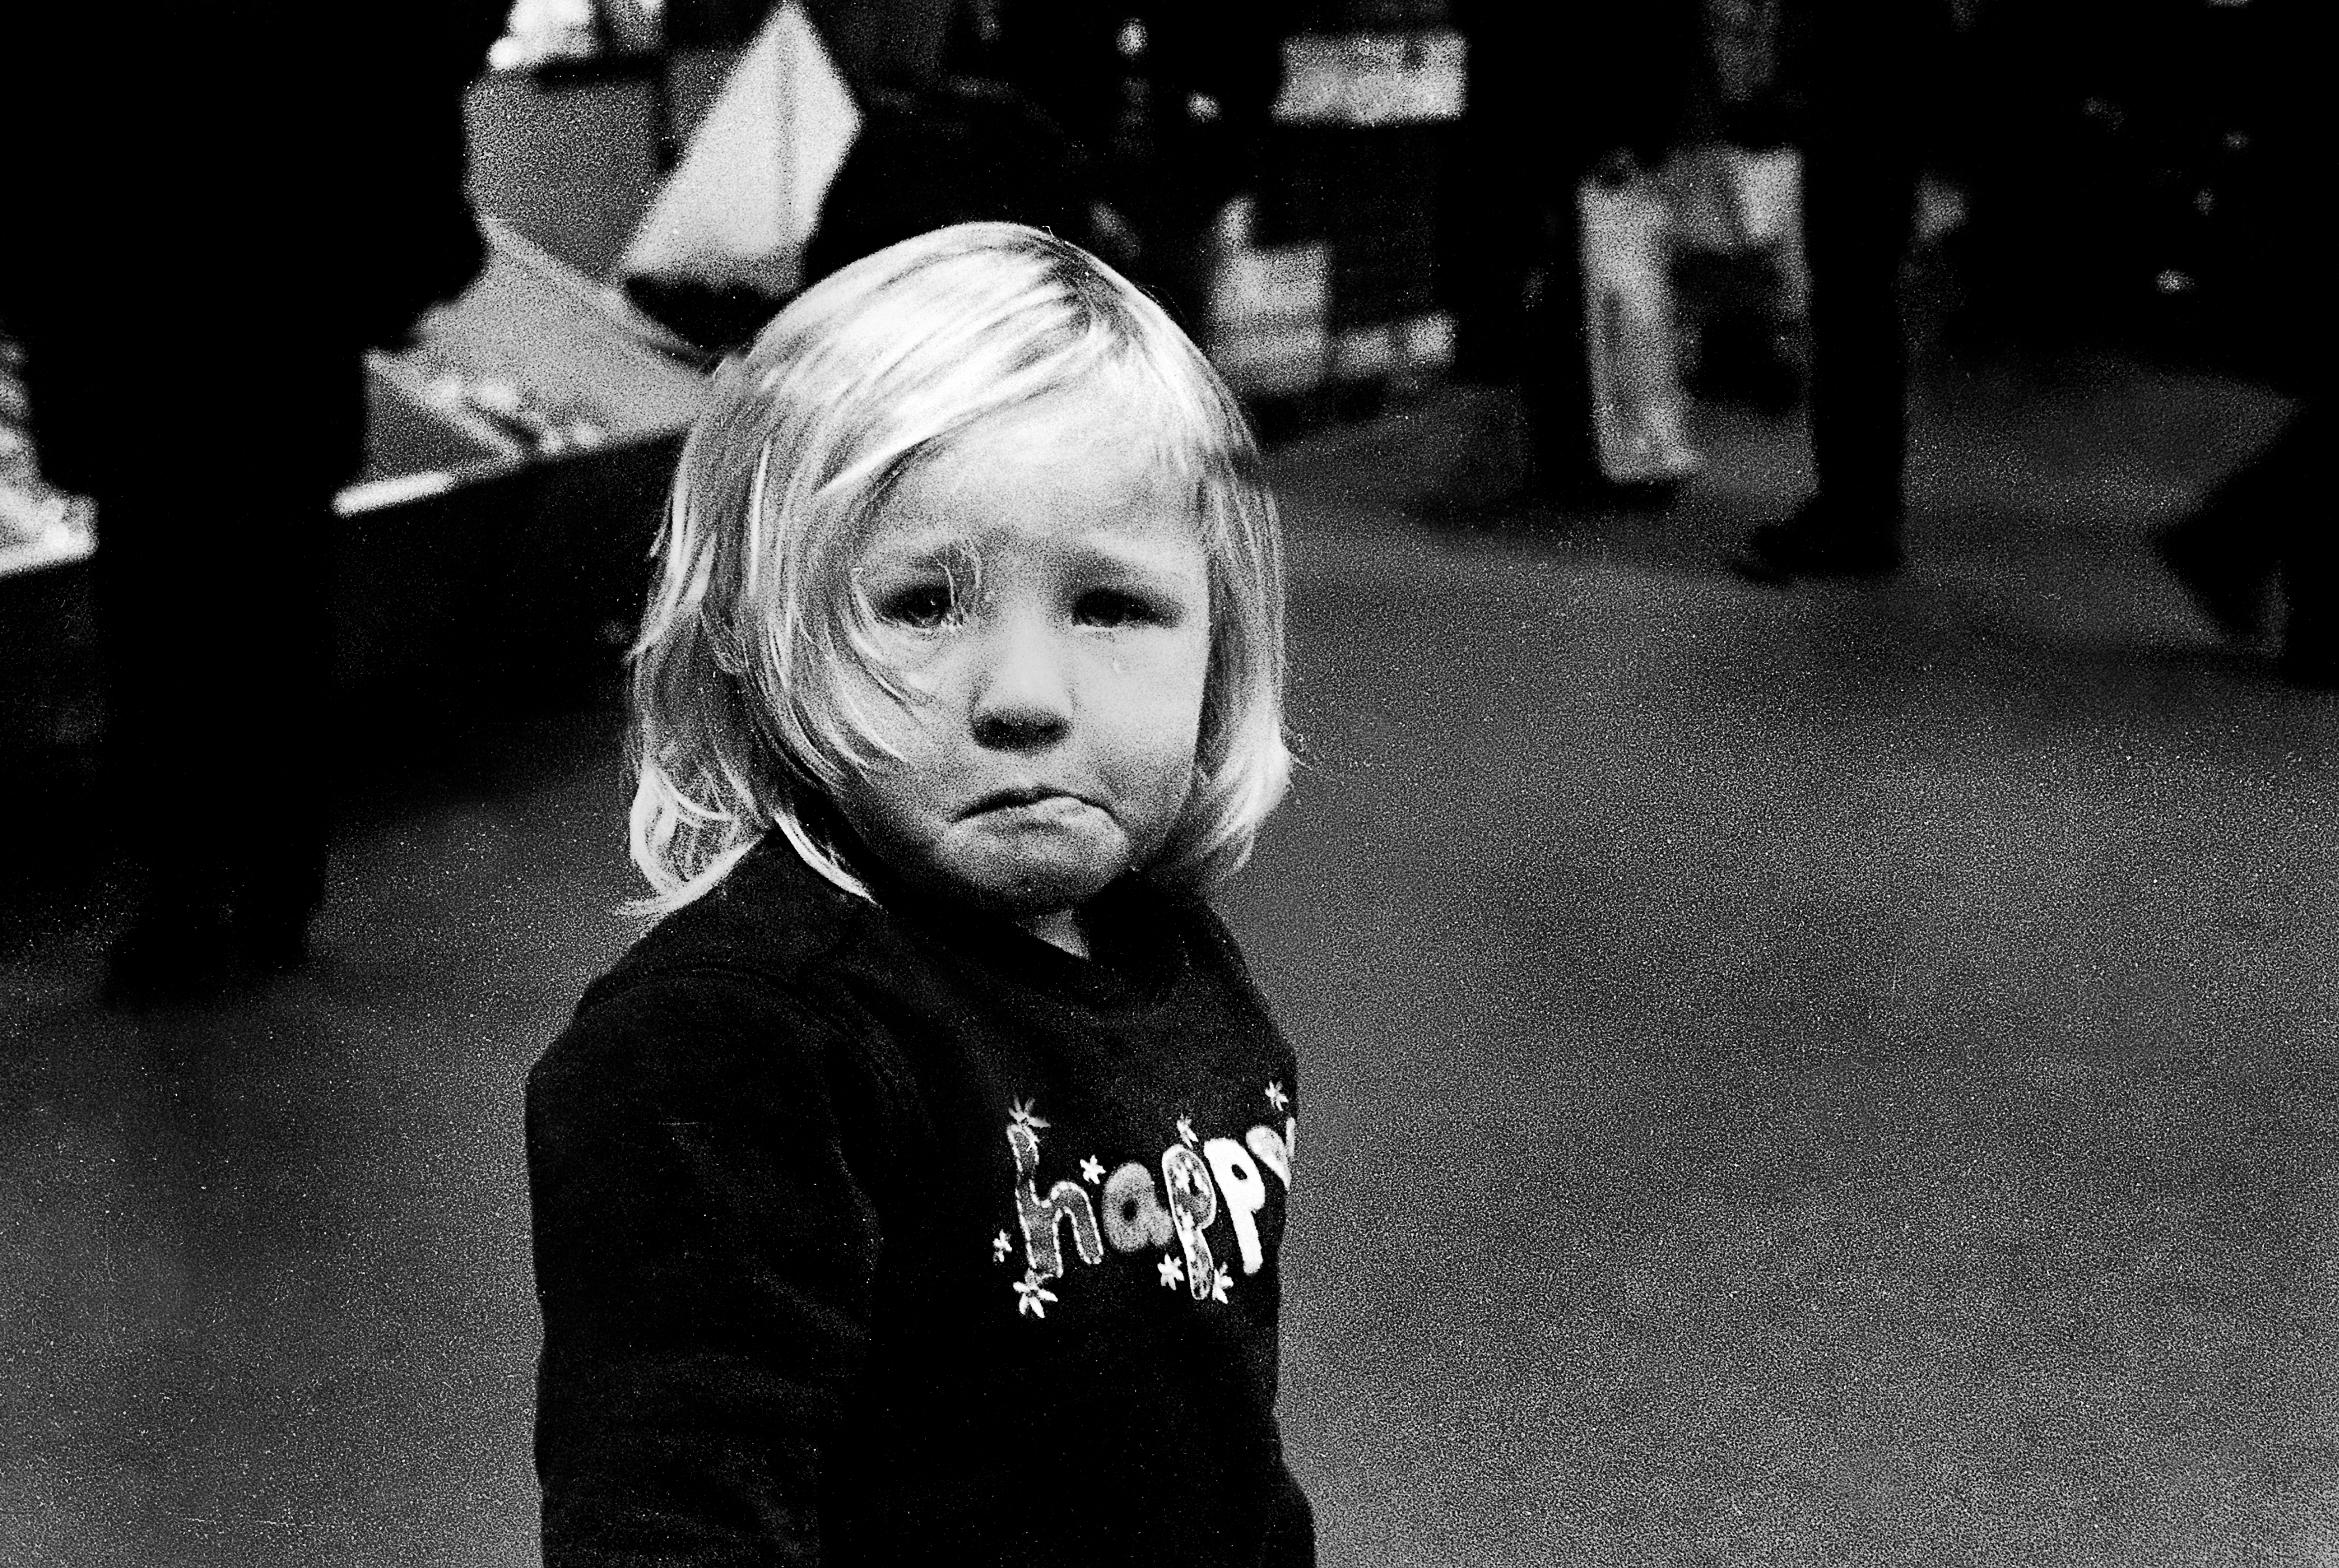 gråtande barn klar 2.jpg